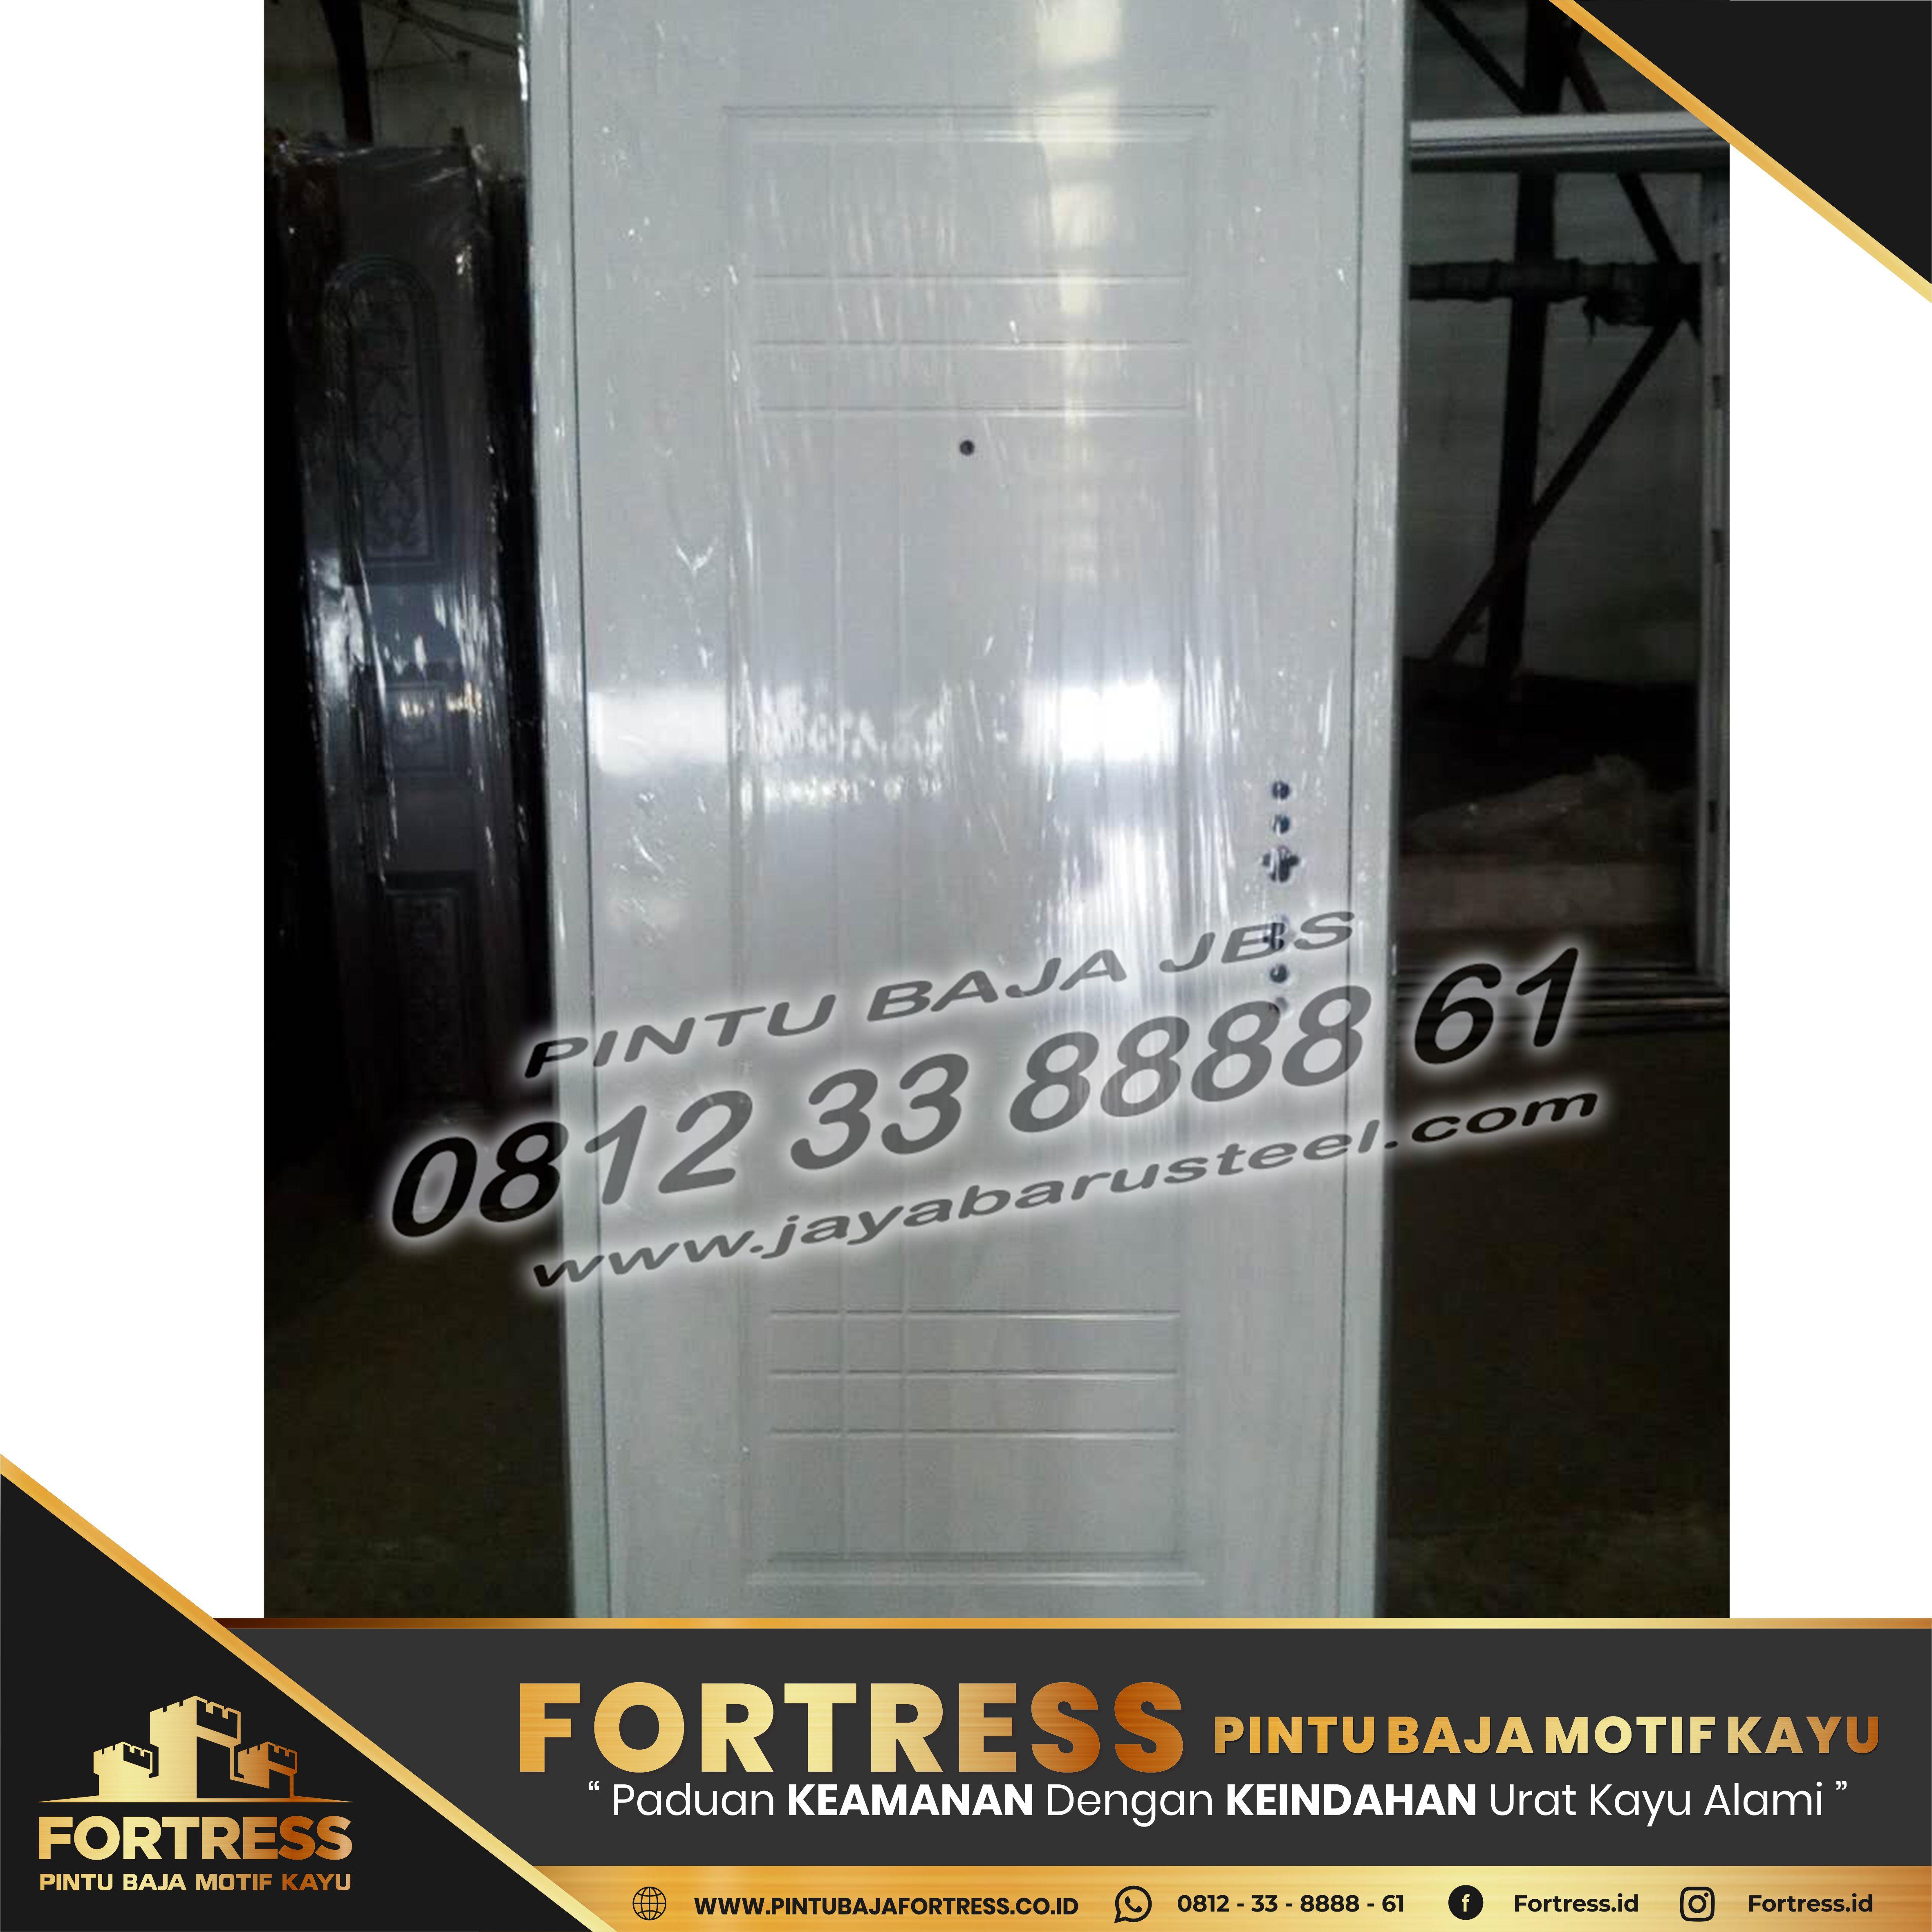 0812-91-6261-07 (FORTRESS) Pontianak Folding Steel Door, Door …